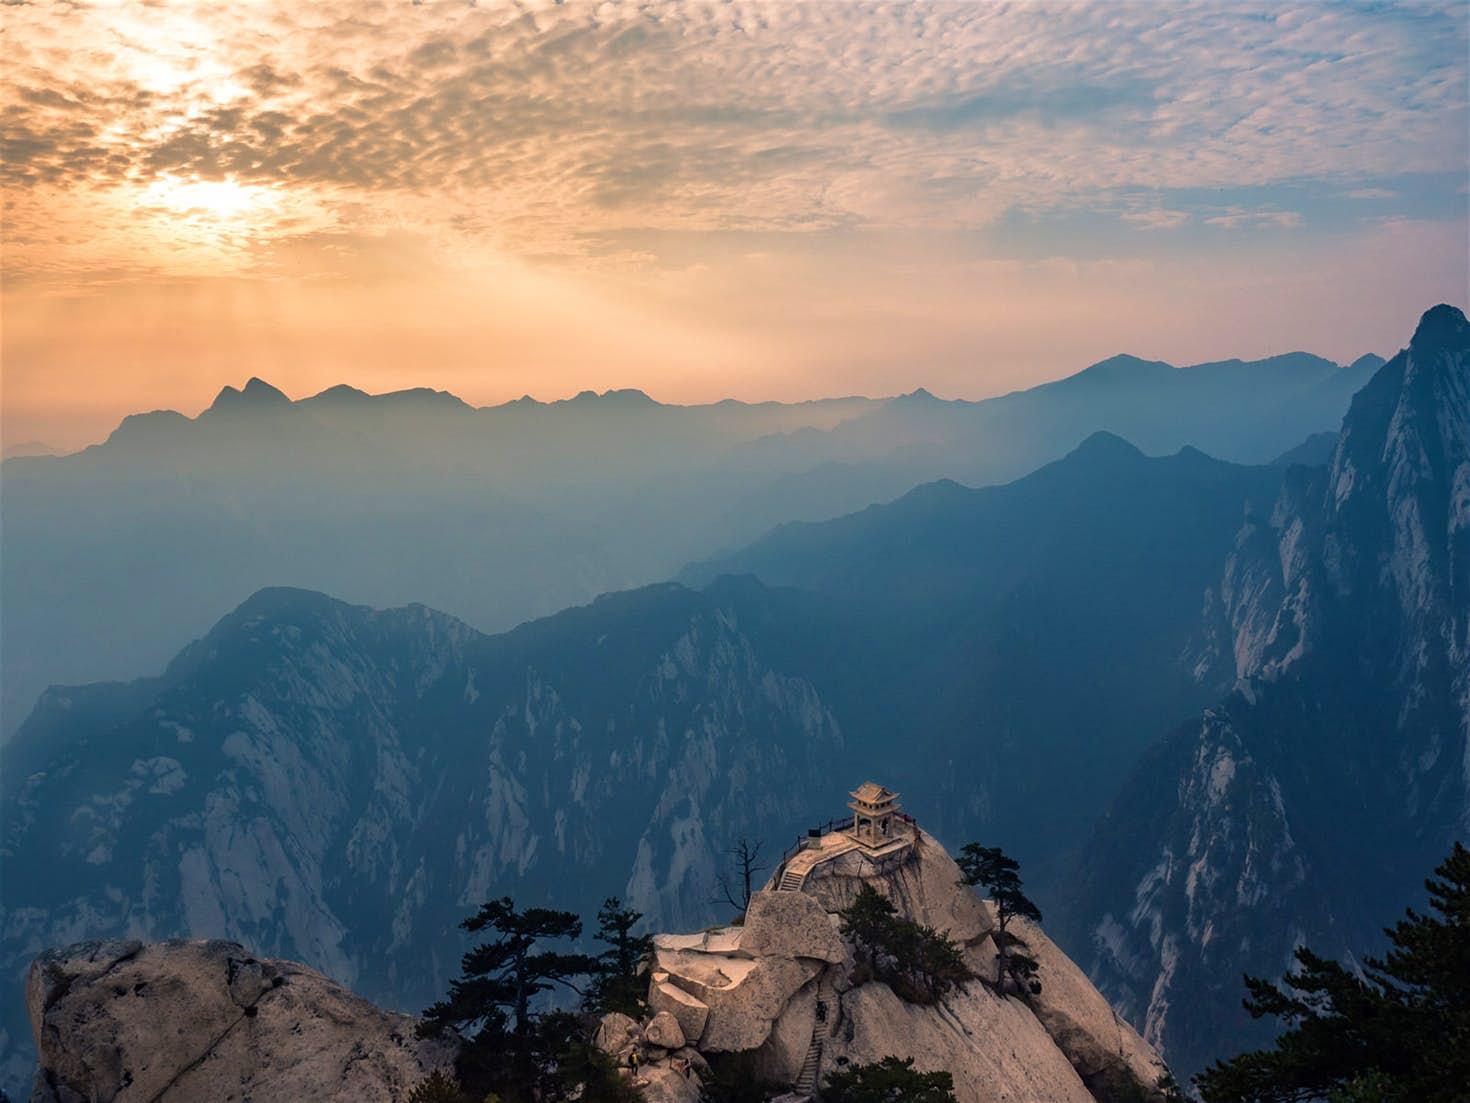 Trên đỉnh núi Liên Hoa Sơn vách đá cao chót vót mờ sương nhìn ra những dãy núi xa xa và bầu trời vàng cam